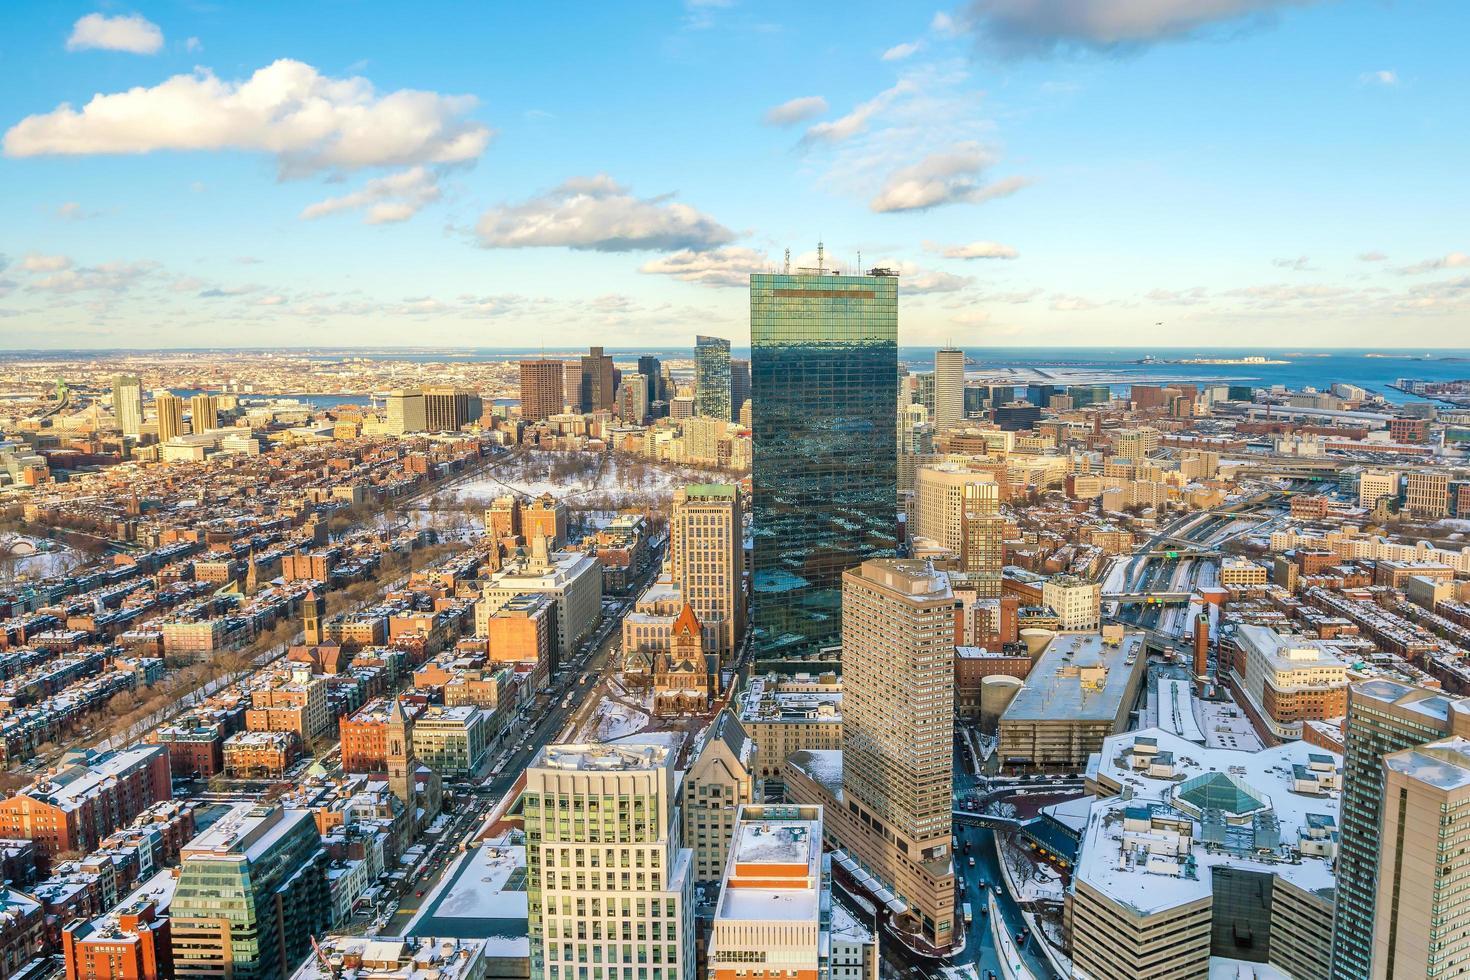 Vista aérea de Boston en Massachusetts, EE.UU. al atardecer foto